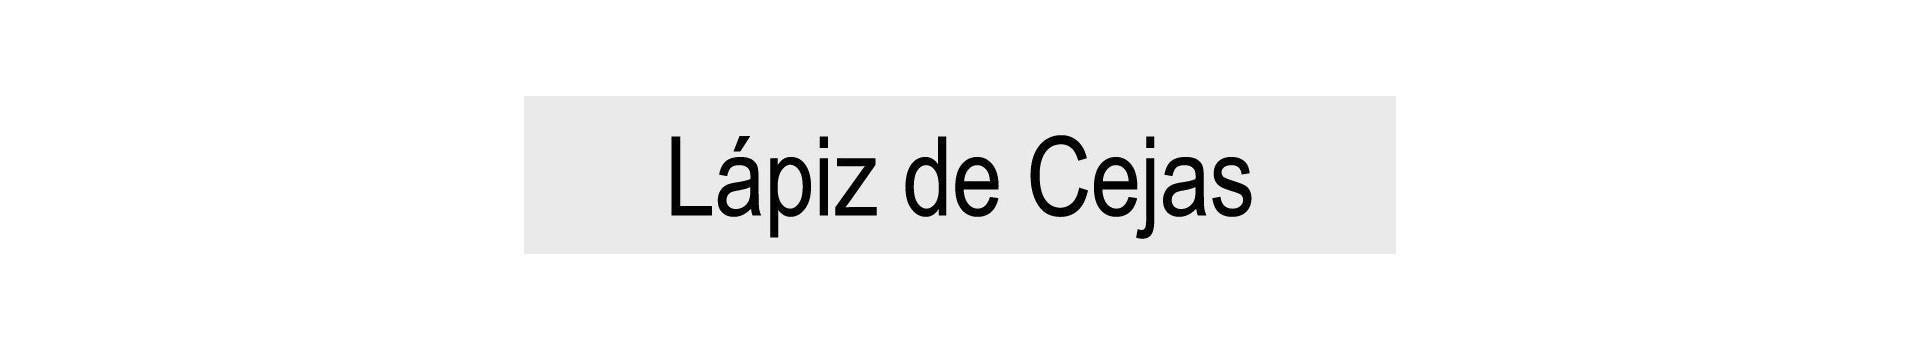 Lapiz de Cejas